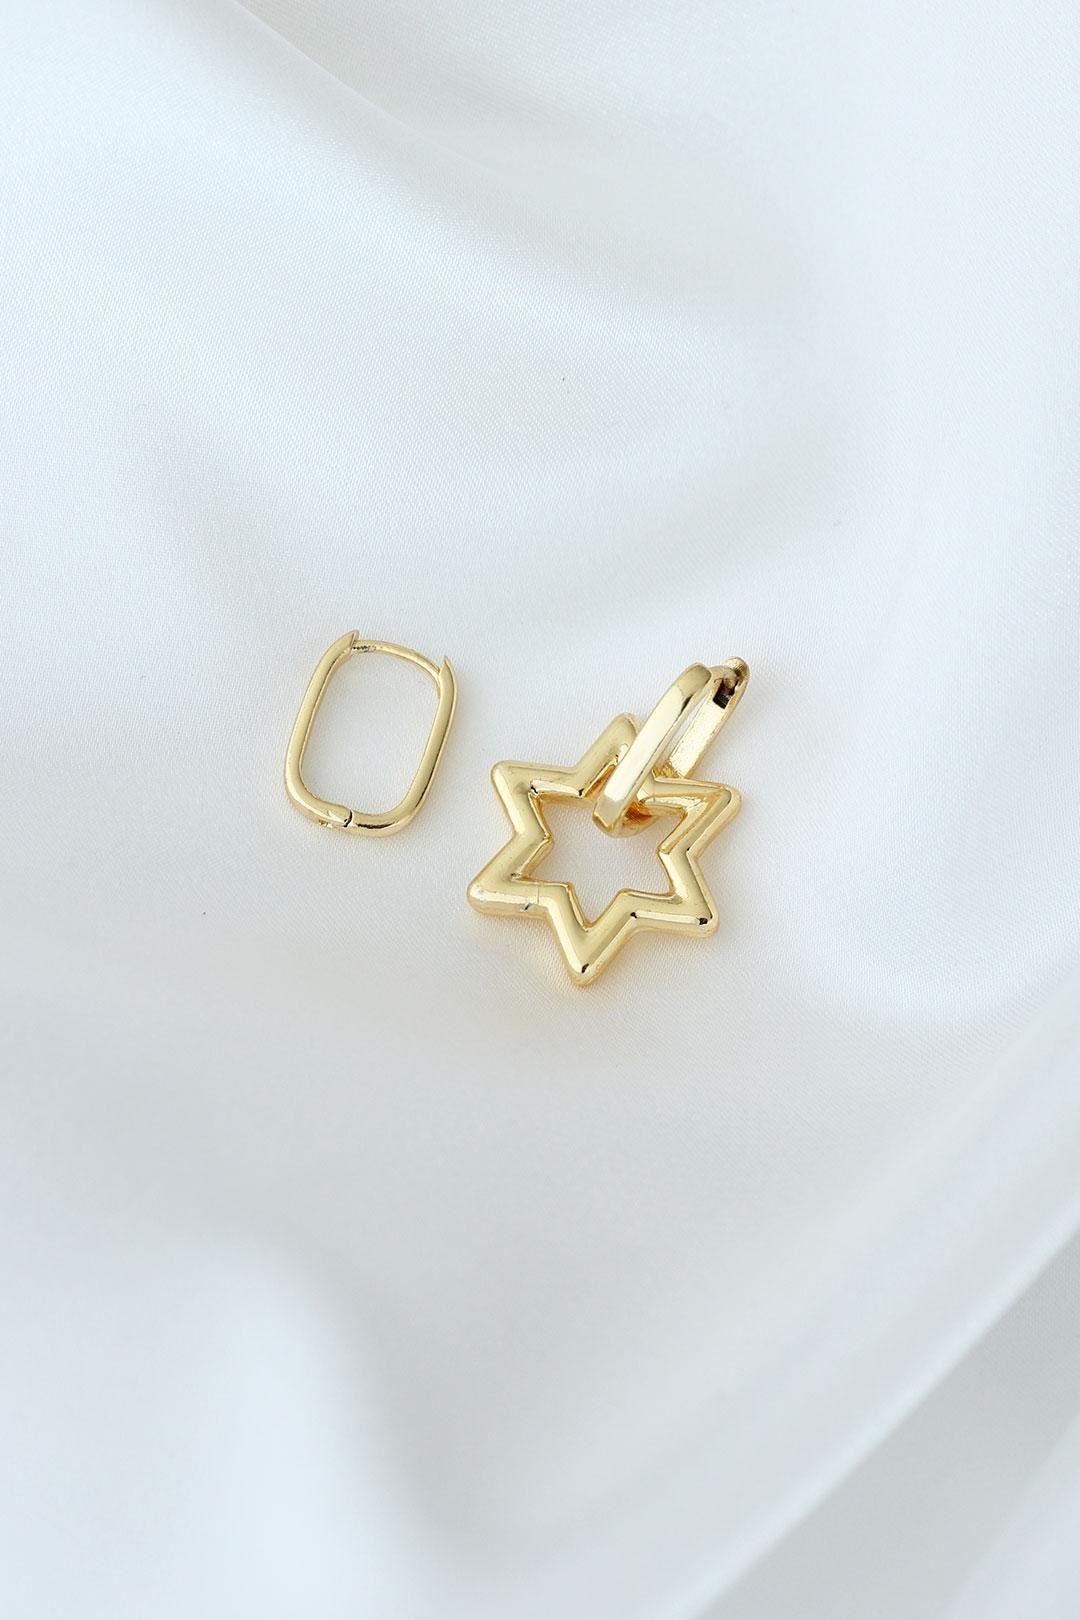 Yıldız Model Altın Renk Metal Kadın Küpe